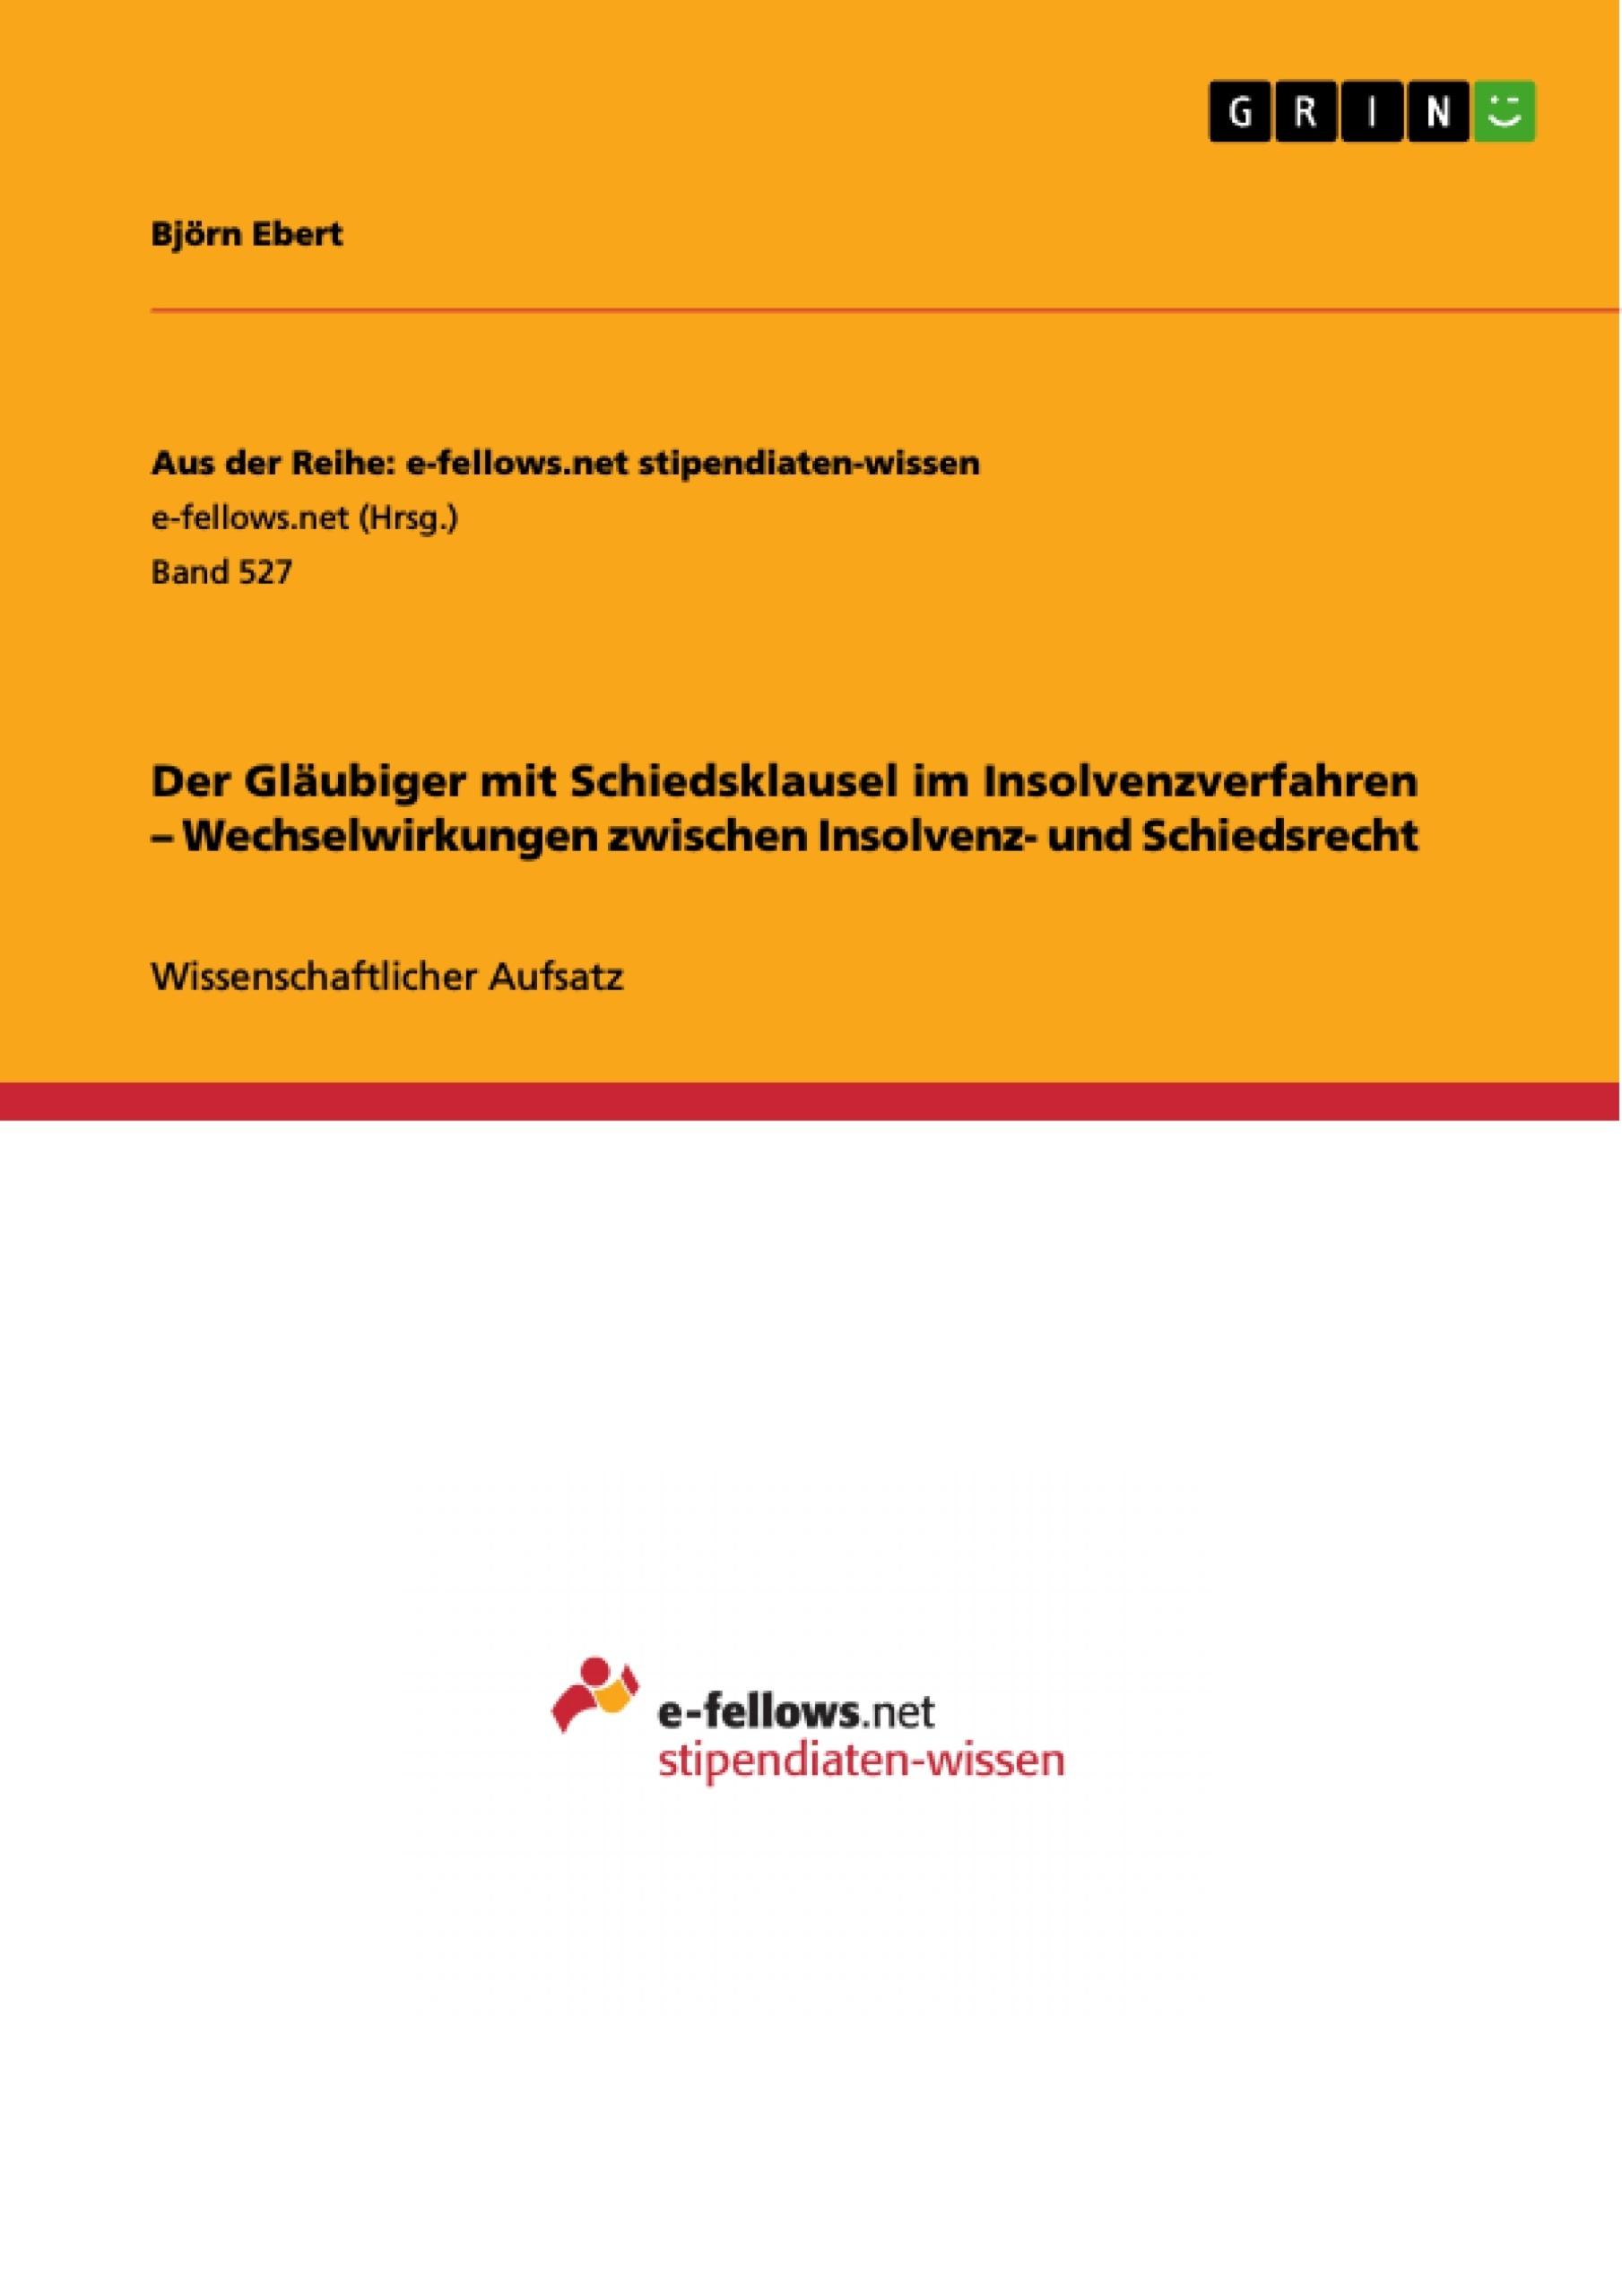 Titel: Der Gläubiger mit Schiedsklausel im Insolvenzverfahren – Wechselwirkungen zwischen Insolvenz- und Schiedsrecht